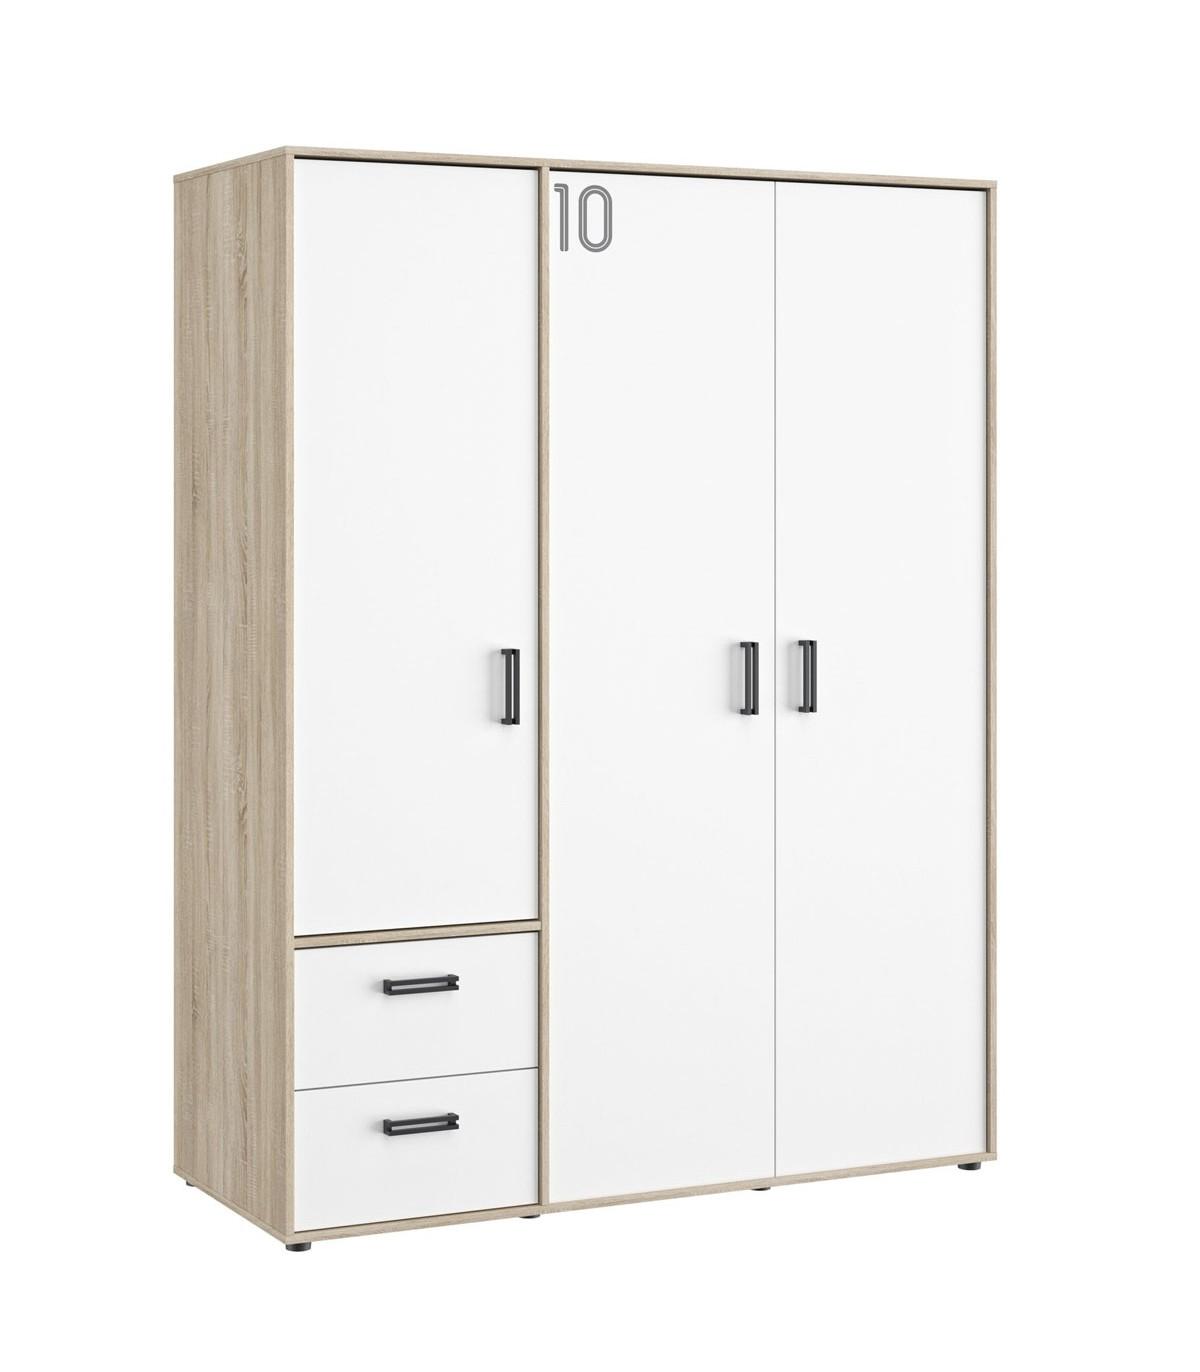 Armoire 3 portes et 2 tiroirs Enfants - Blanc 155xH200 cm